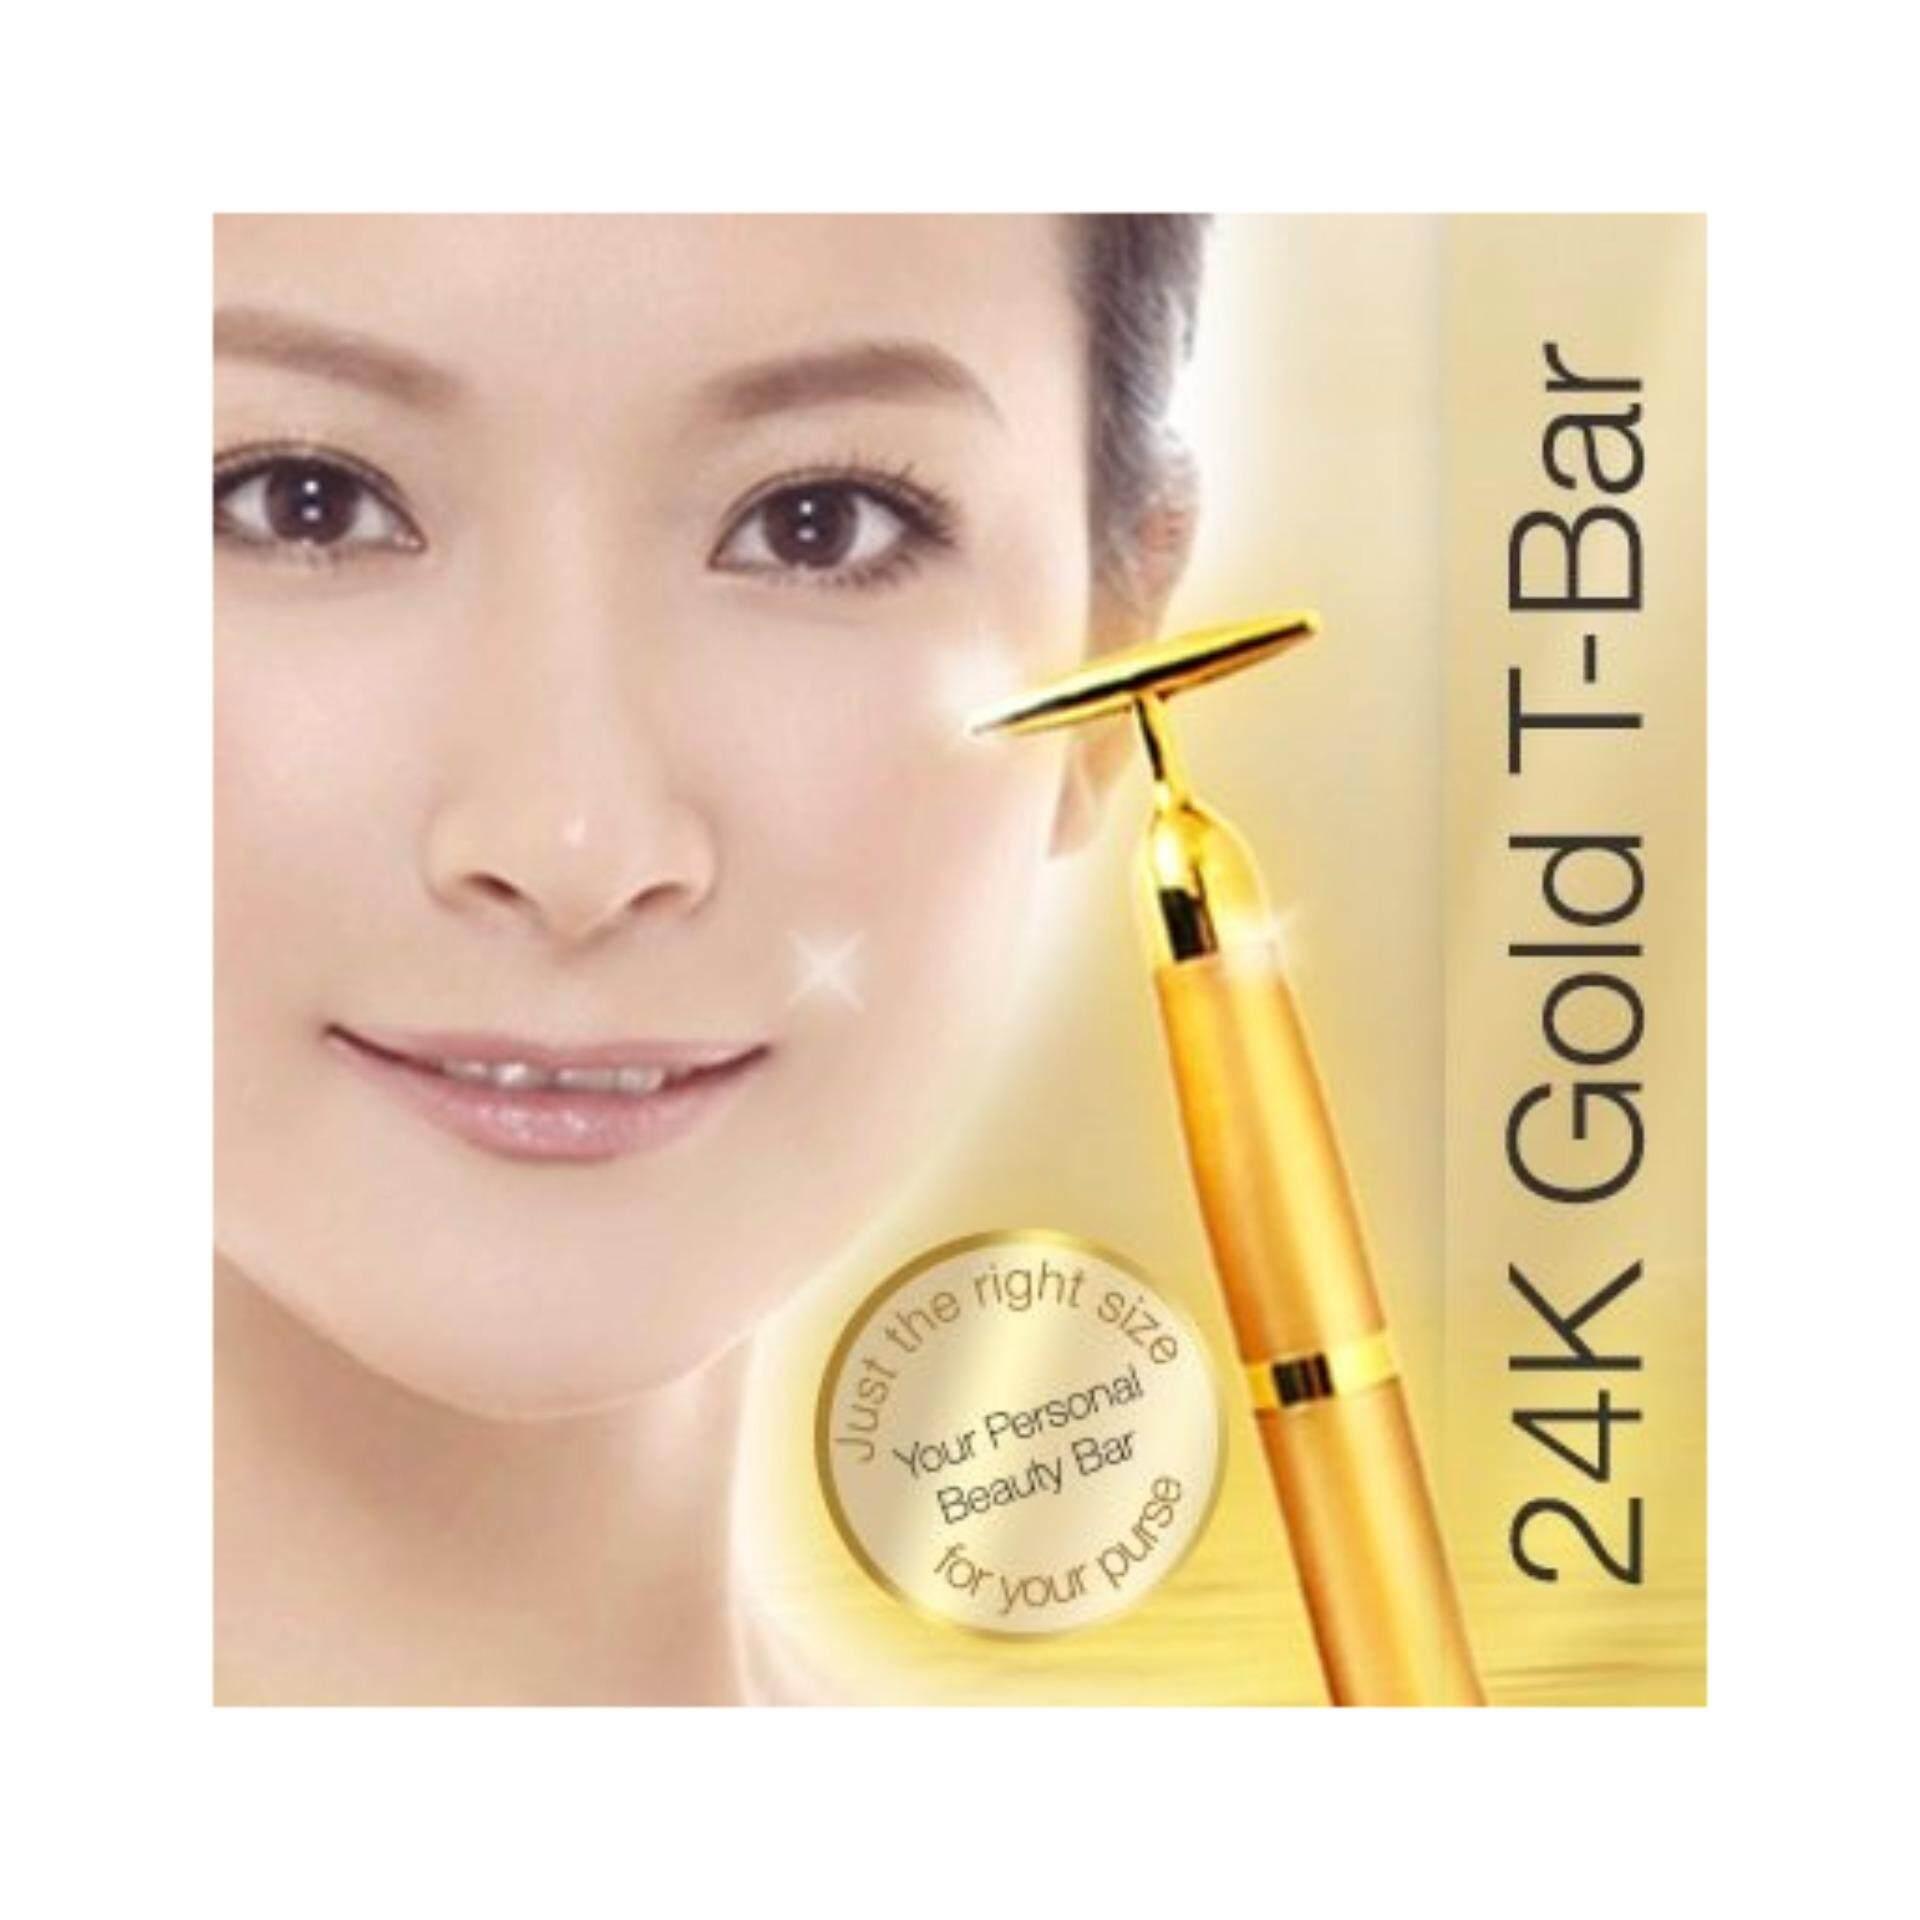 Electric Energy Beauty Bar 24K Gold Face Skin Massage Roller Derma Body Firming Massager